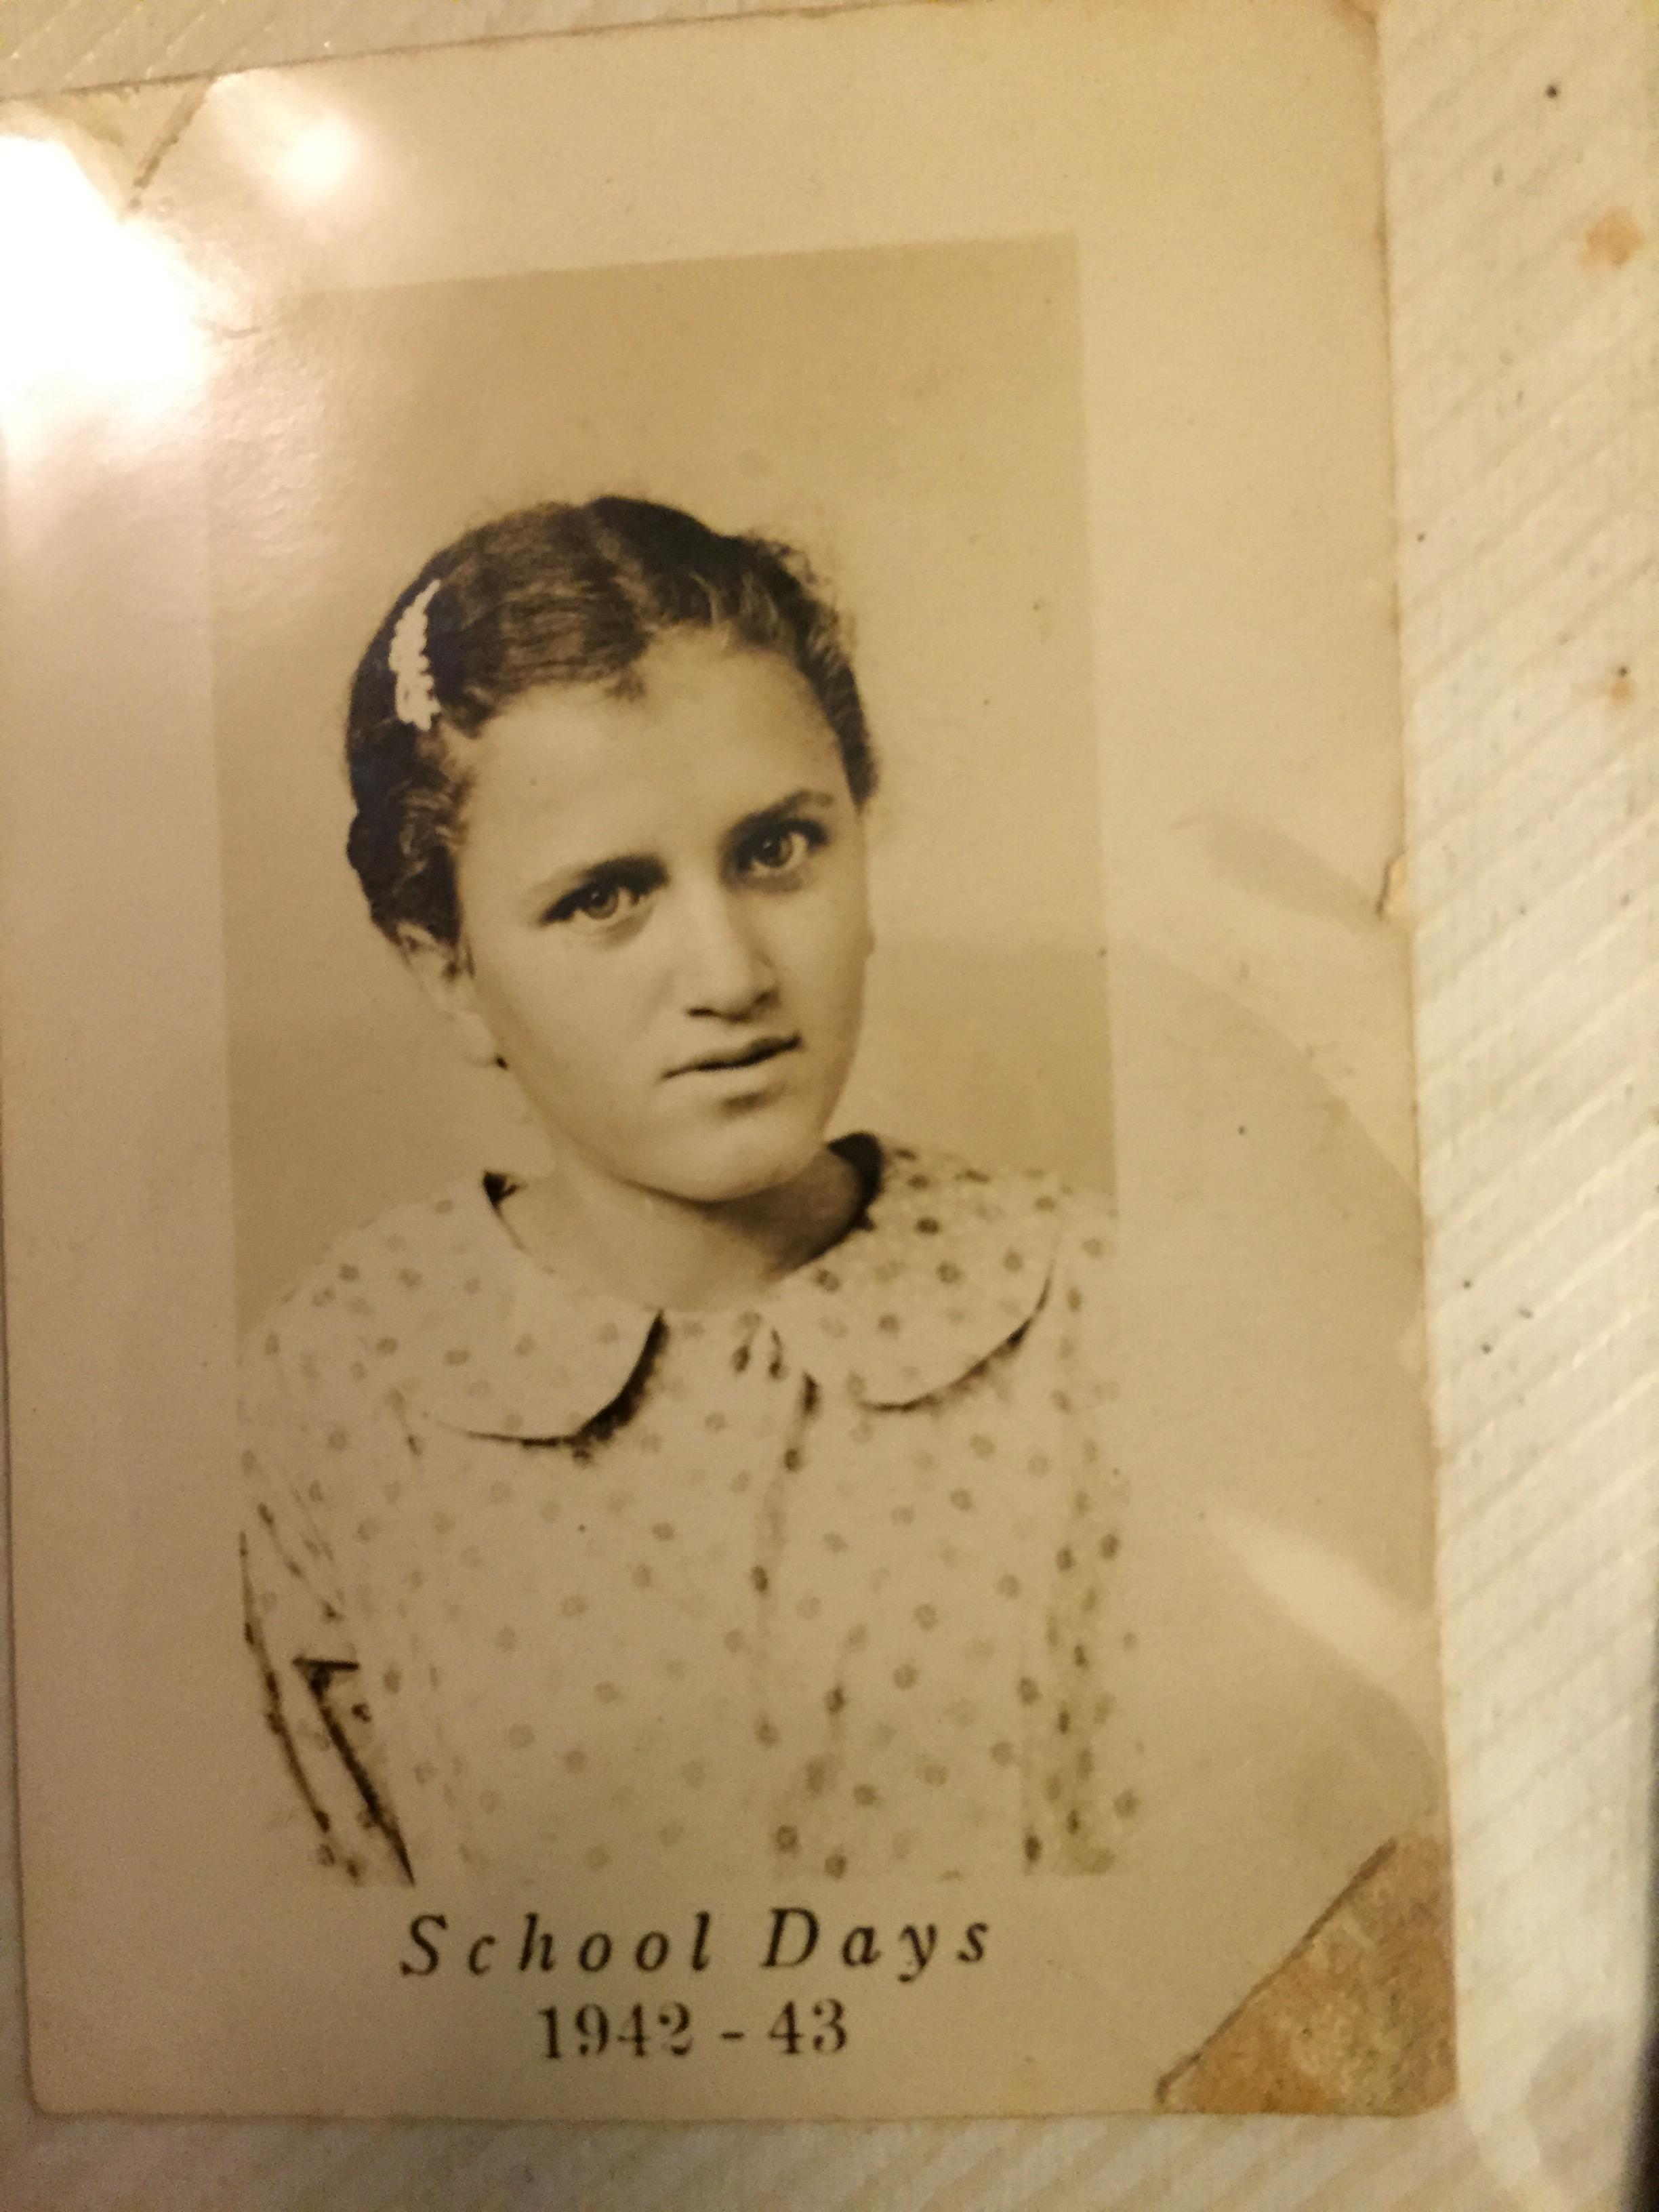 Doris McVey